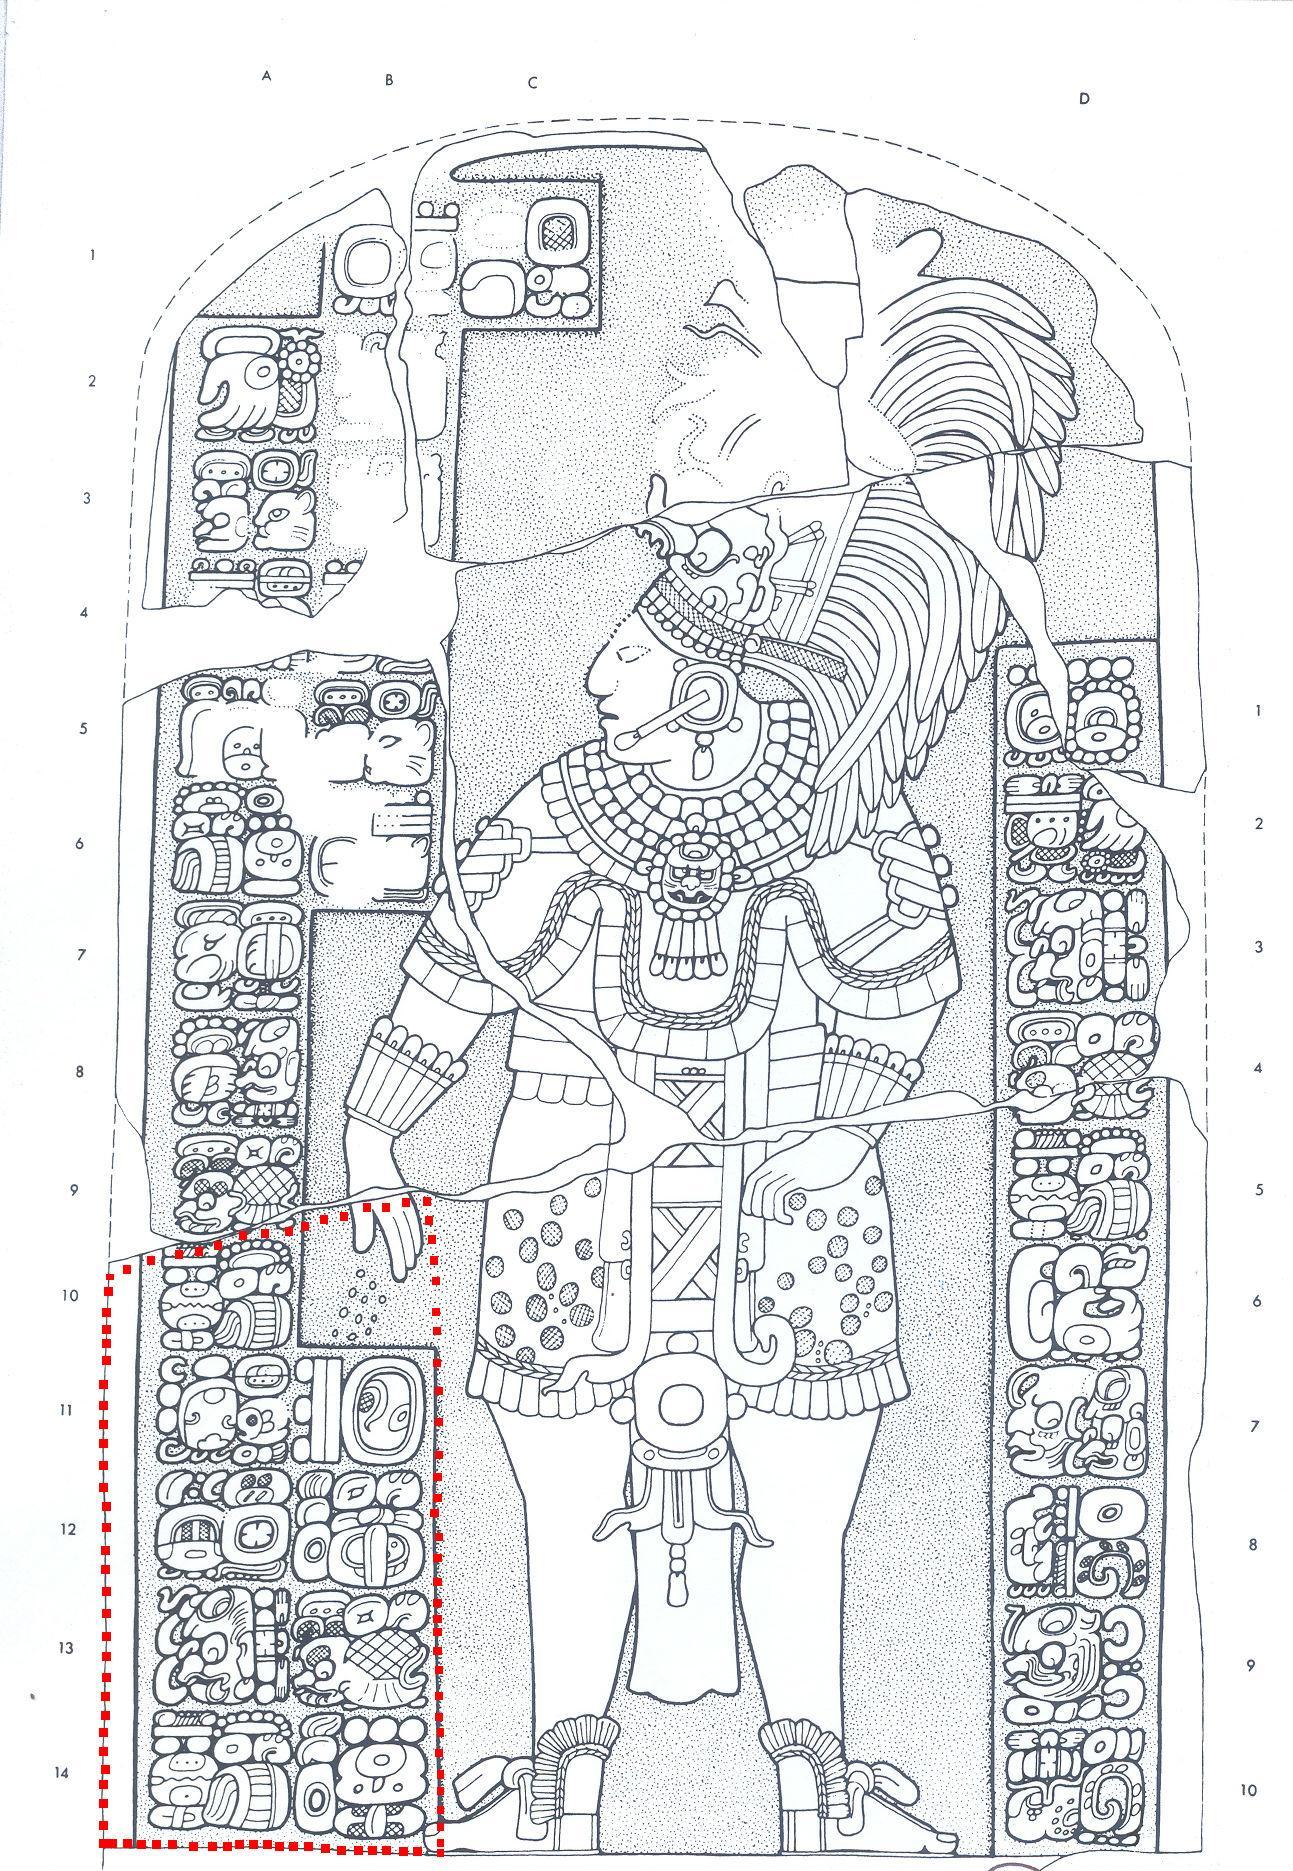 Reproducción de la estela 1 de Aguateca con la que Guatemala prueba que, hasta su depredación en 1992, la pieza estaba íntegra. La parte resaltada con rojo es la que se exhibe en el museo de la familia Tesak.